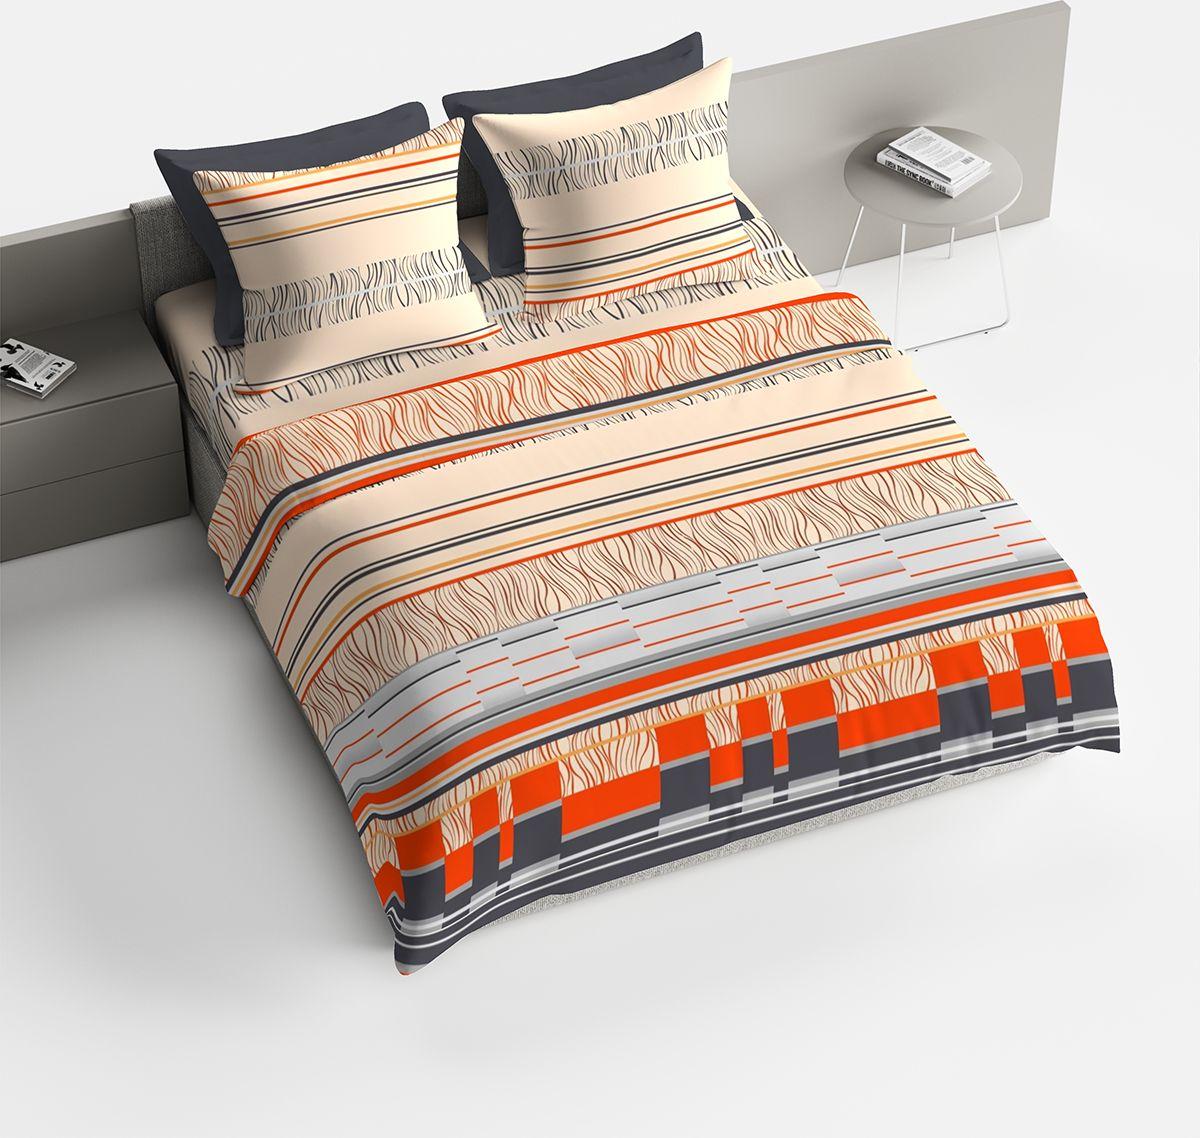 Комплект белья Браво Манфредо, семейный, наволочки 70x70, цвет: оранжевый391602Постельное белье коллекции Bravo изготавливается из ткани Lux Cotton (высококачественный импортный поплин), сотканной из длинноволокнистого египетского хлопка, создано специально для людей с оригинальным вкусом, предпочитающим современные решения в интерьере. В процессе производства применяются только стойкие и экологически чистые красители, поэтому это белье можно использовать и для детей. Обновленная стильная упаковка делает этот комплект отличным подарком.